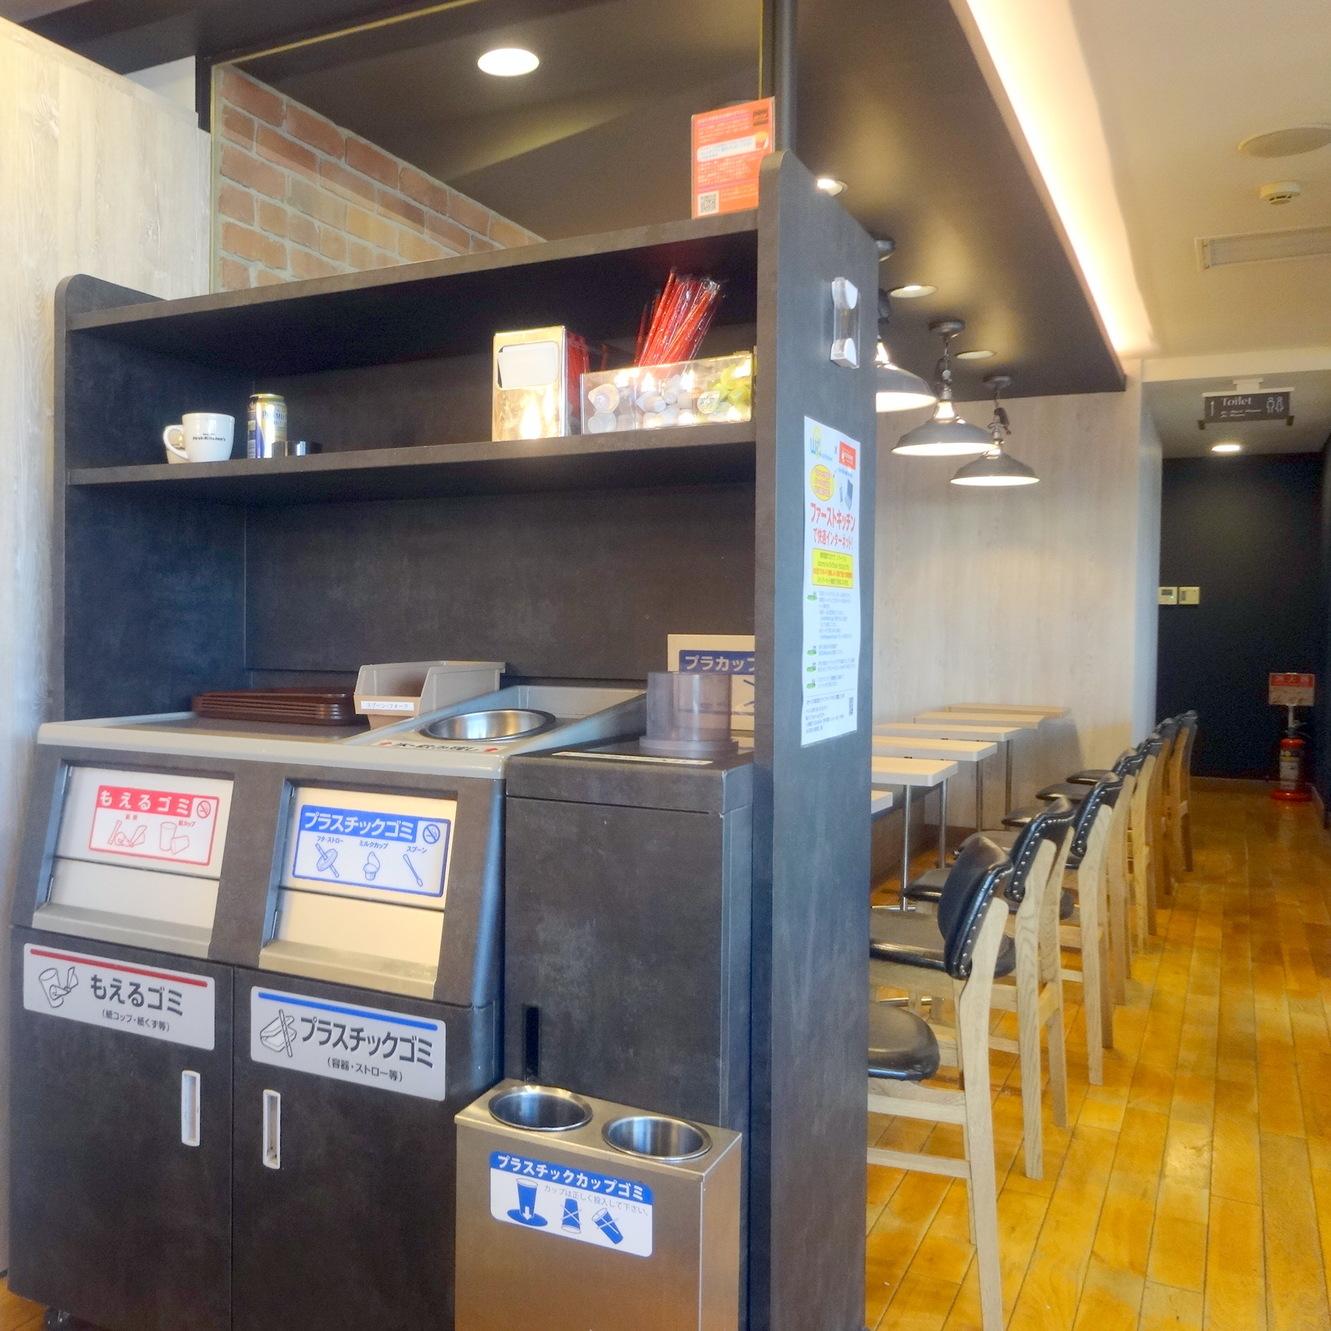 ファーストキッチン・ウェンディーズ 赤坂見附店